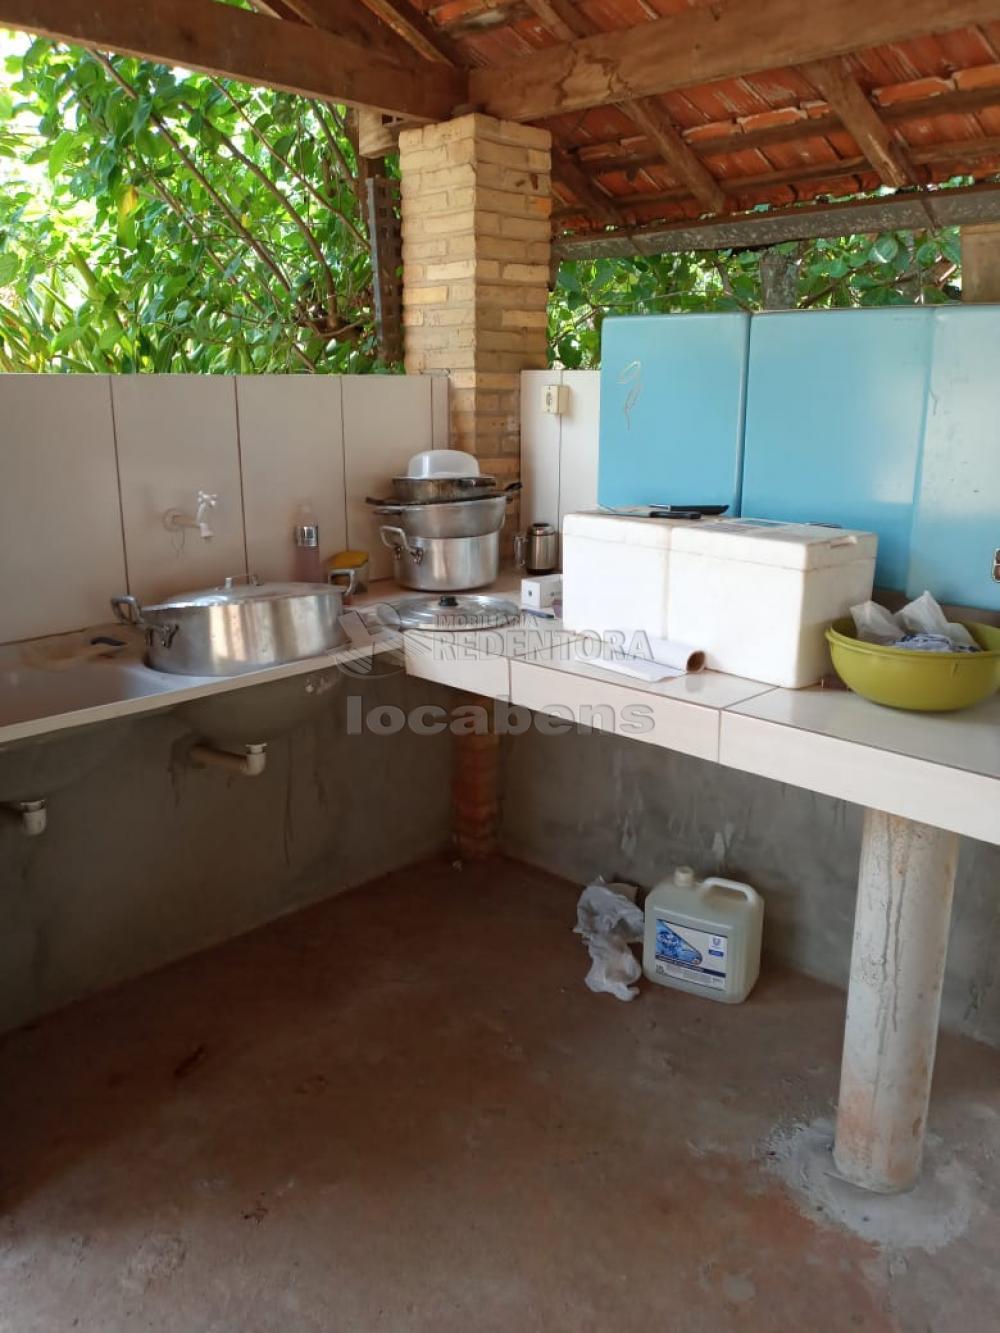 Comprar Rural / Chácara em São José do Rio Preto R$ 650.000,00 - Foto 16